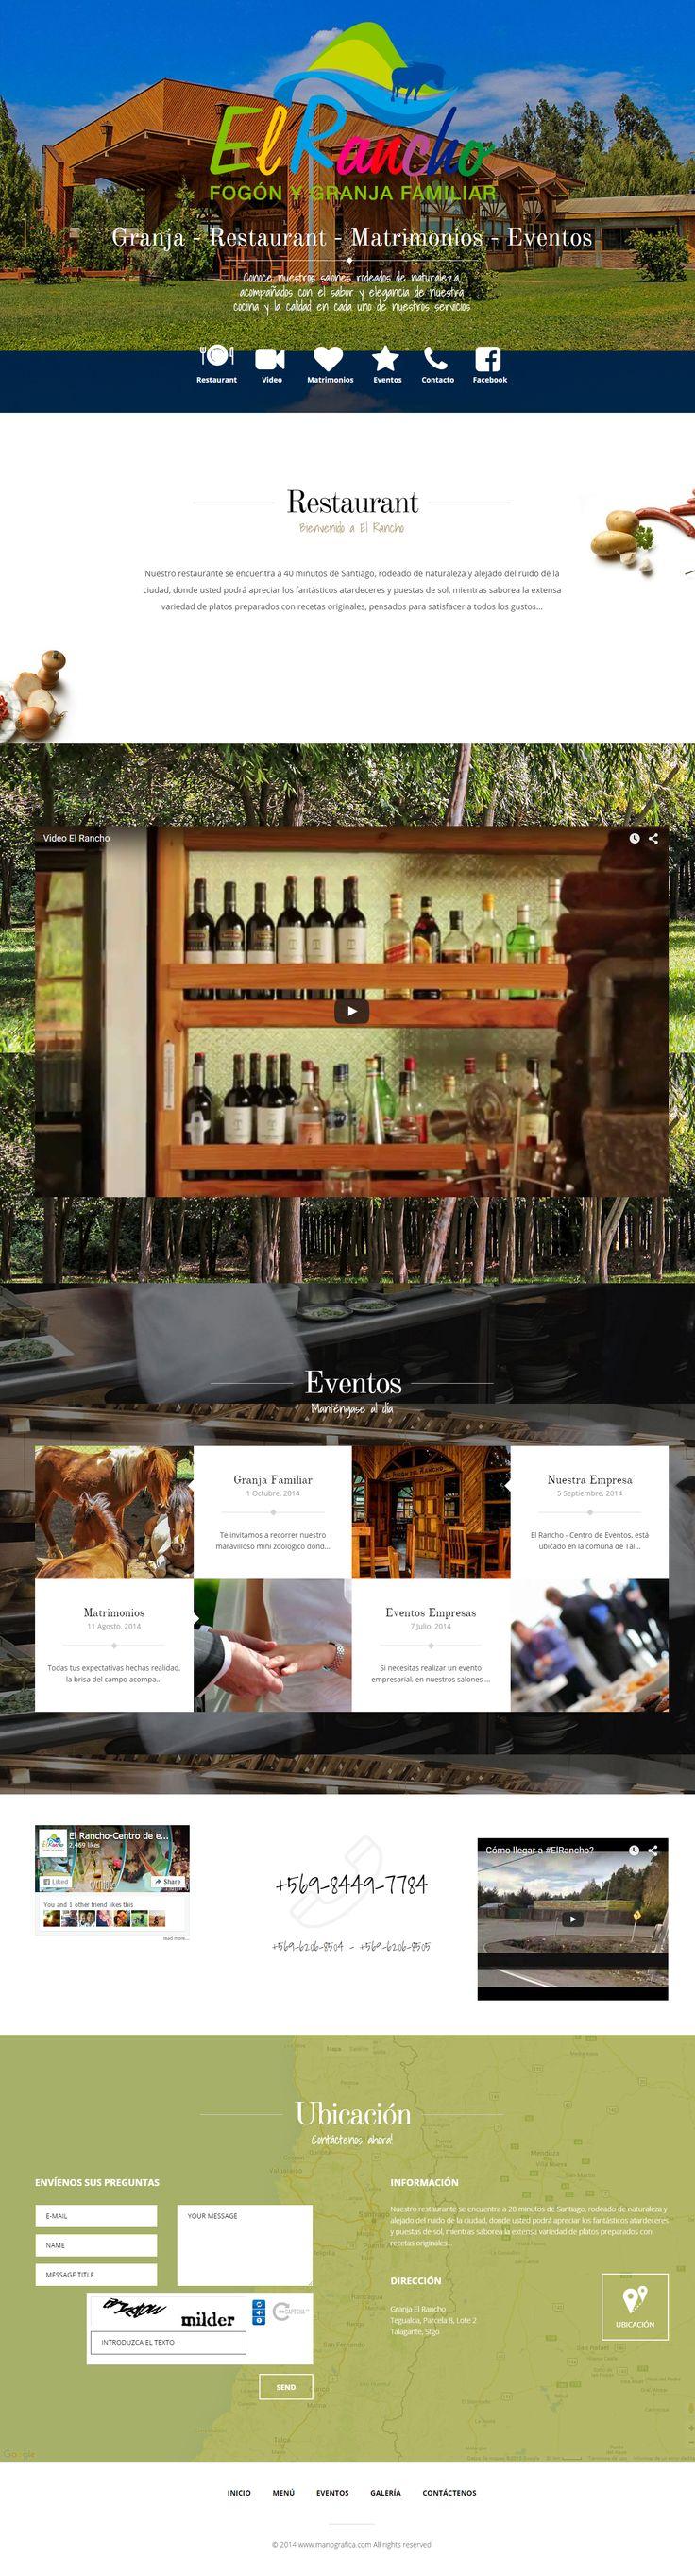 Diseño web para El Rancho. Restaurant, Centro de Eventos, Granja Familiar